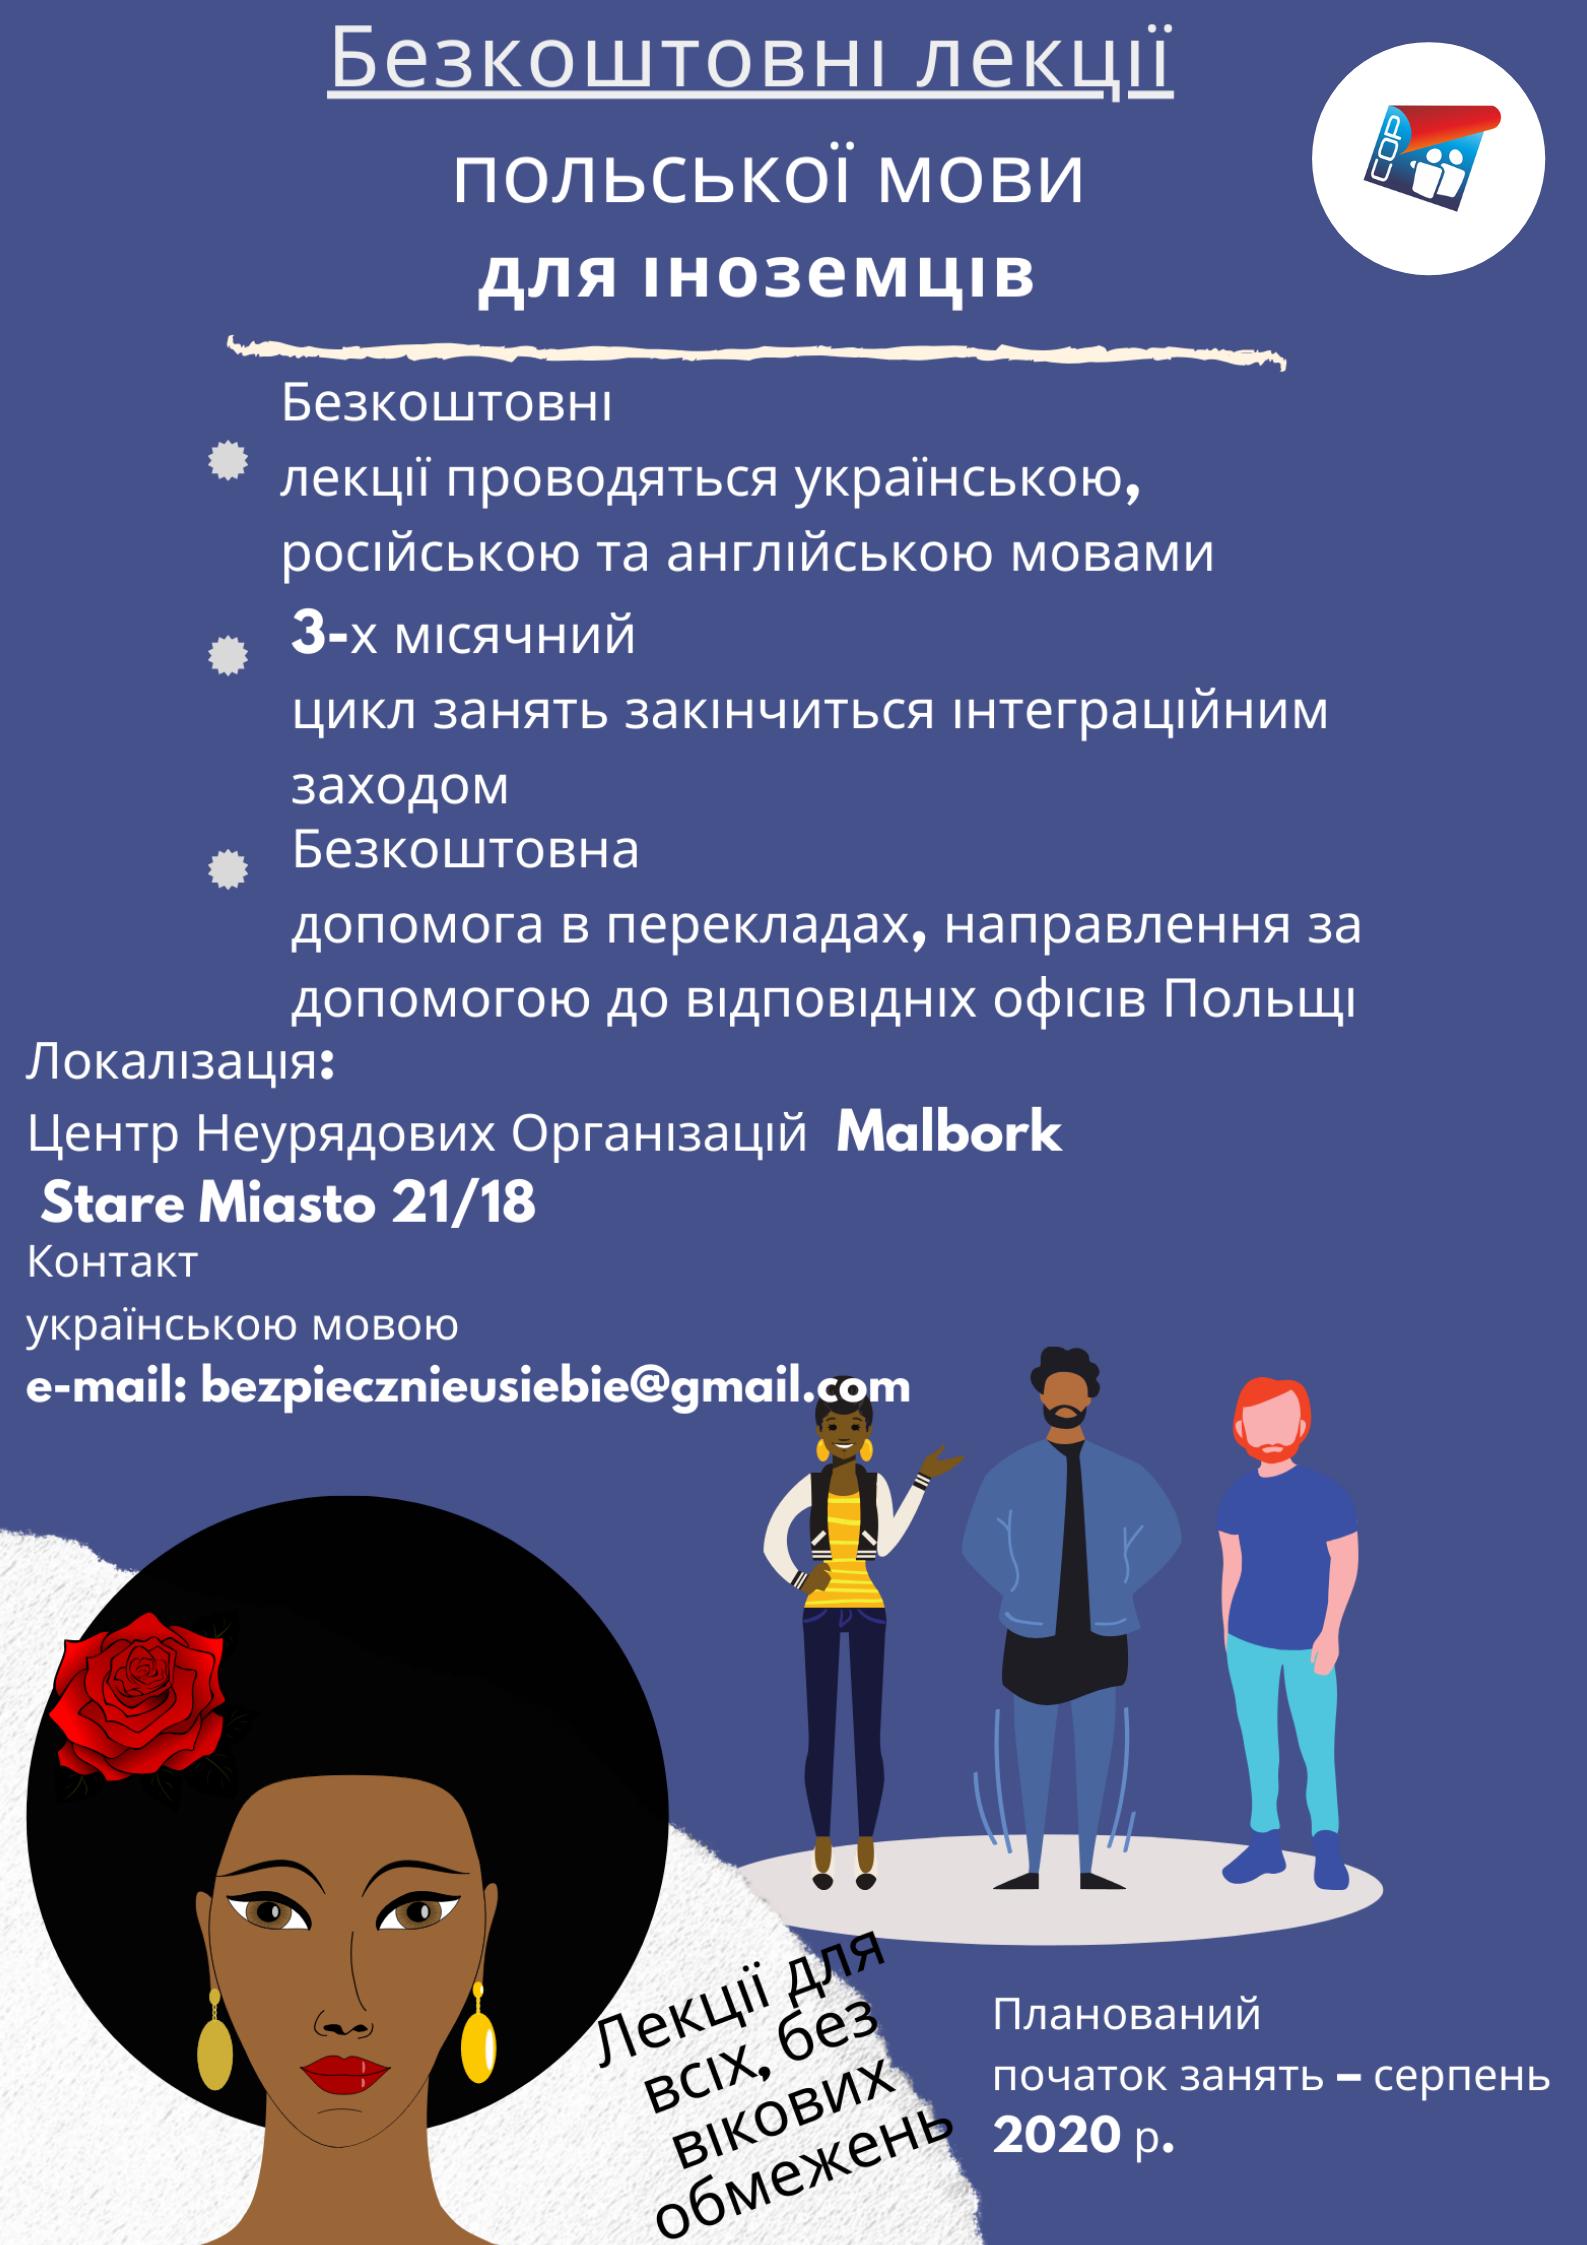 http://m.82-200.pl/2020/06/orig/ukr-6248.png